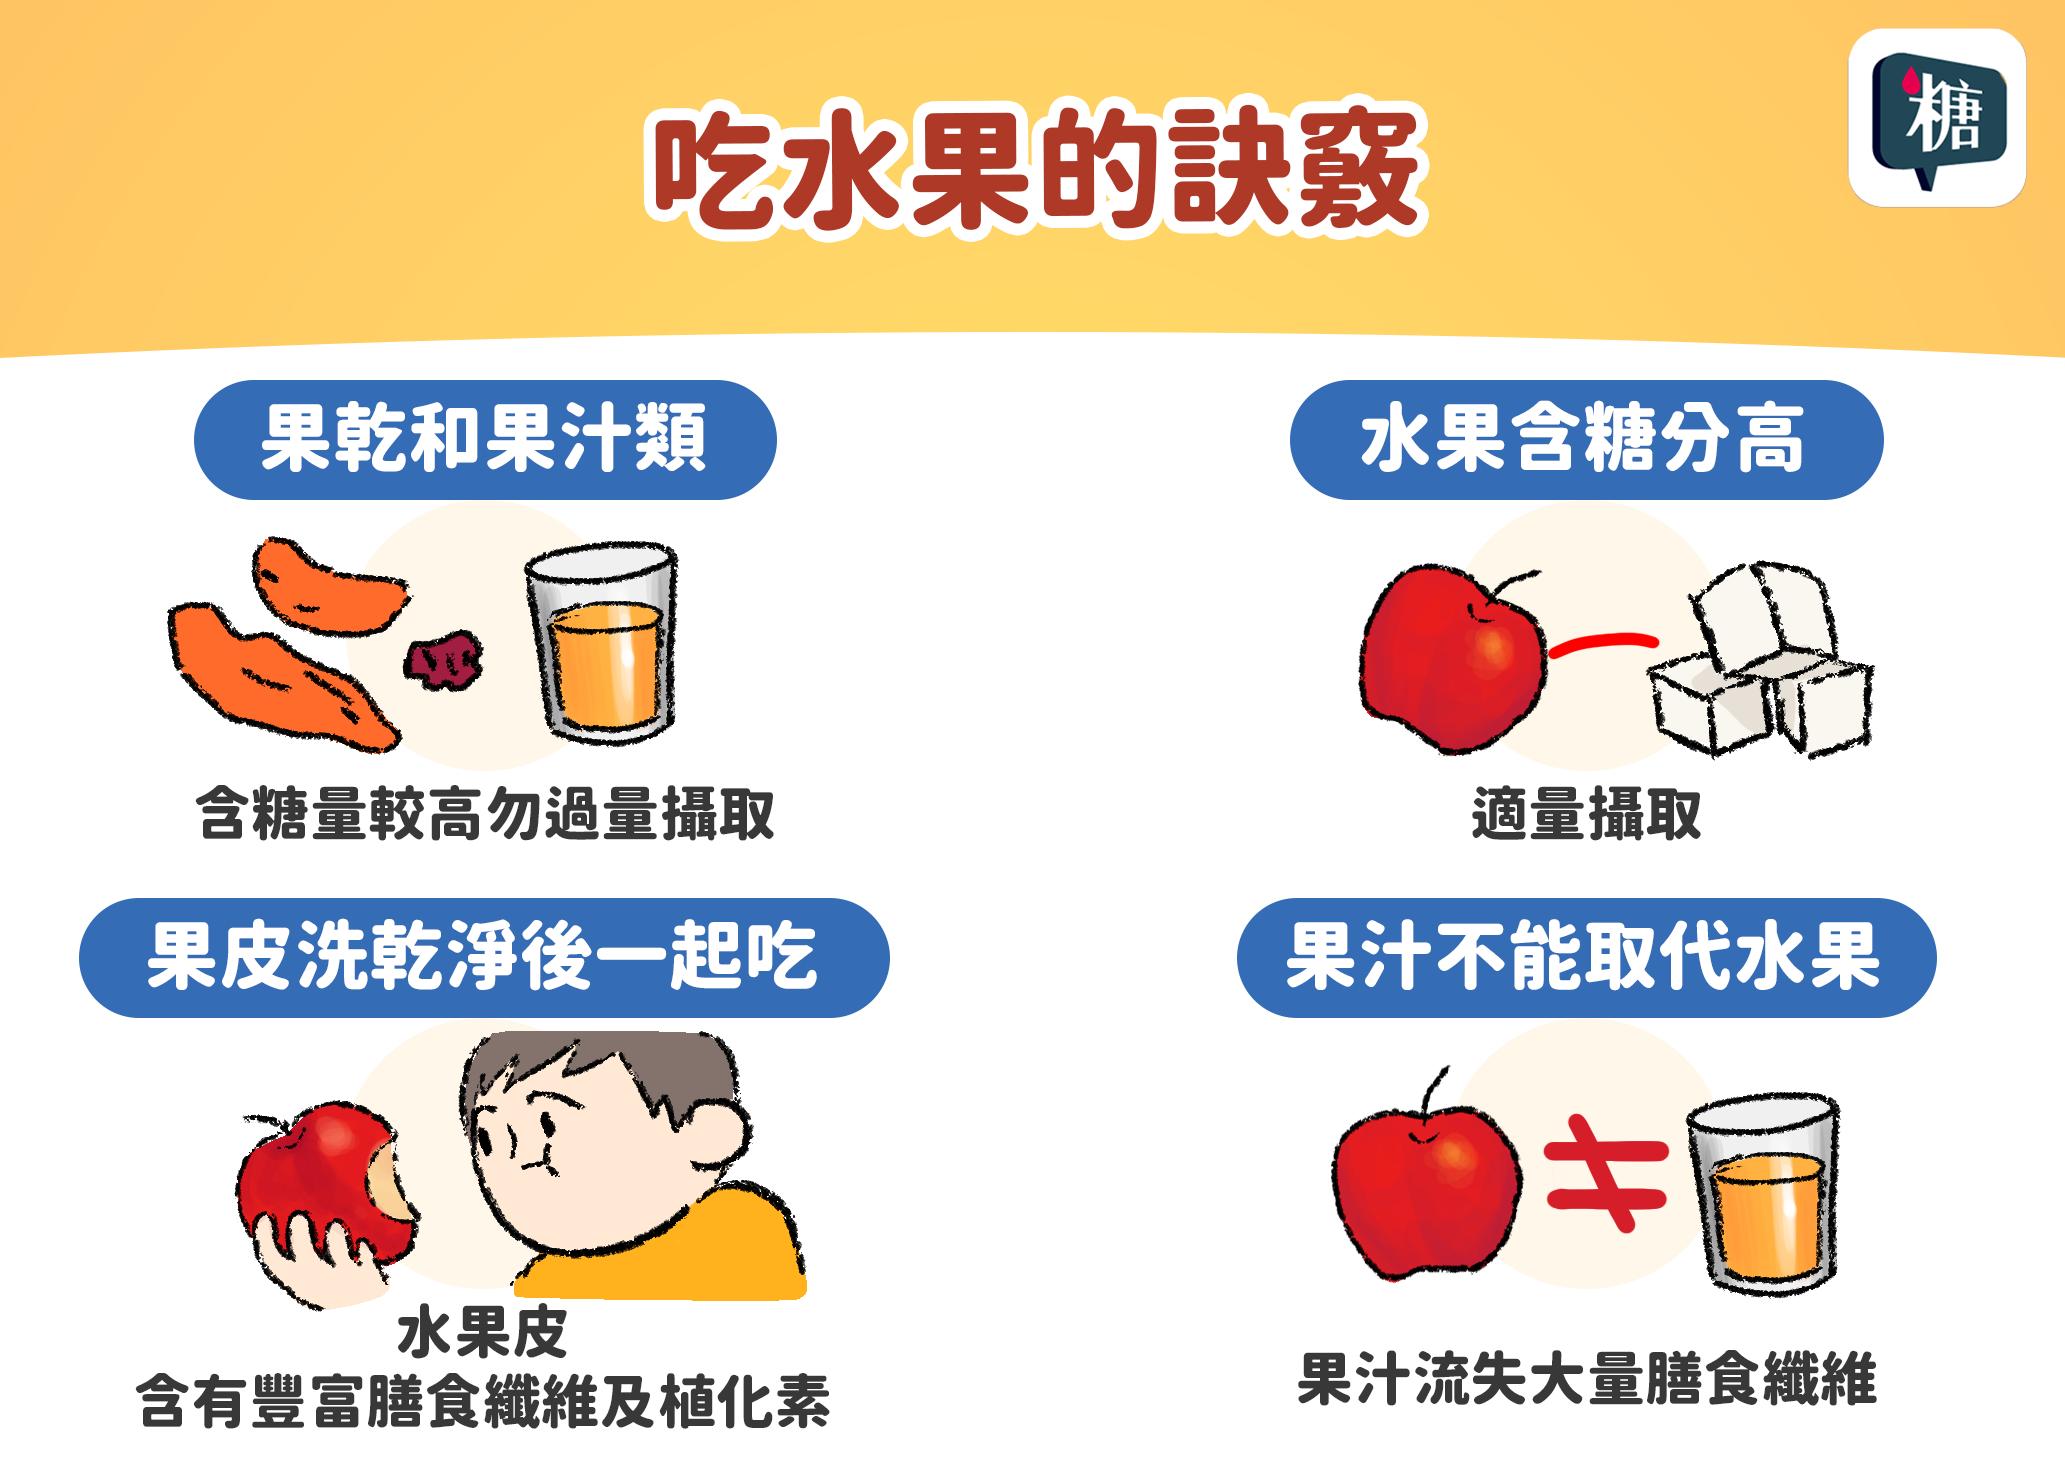 吃水果的訣竅,注意果汁不能取代水果喔!